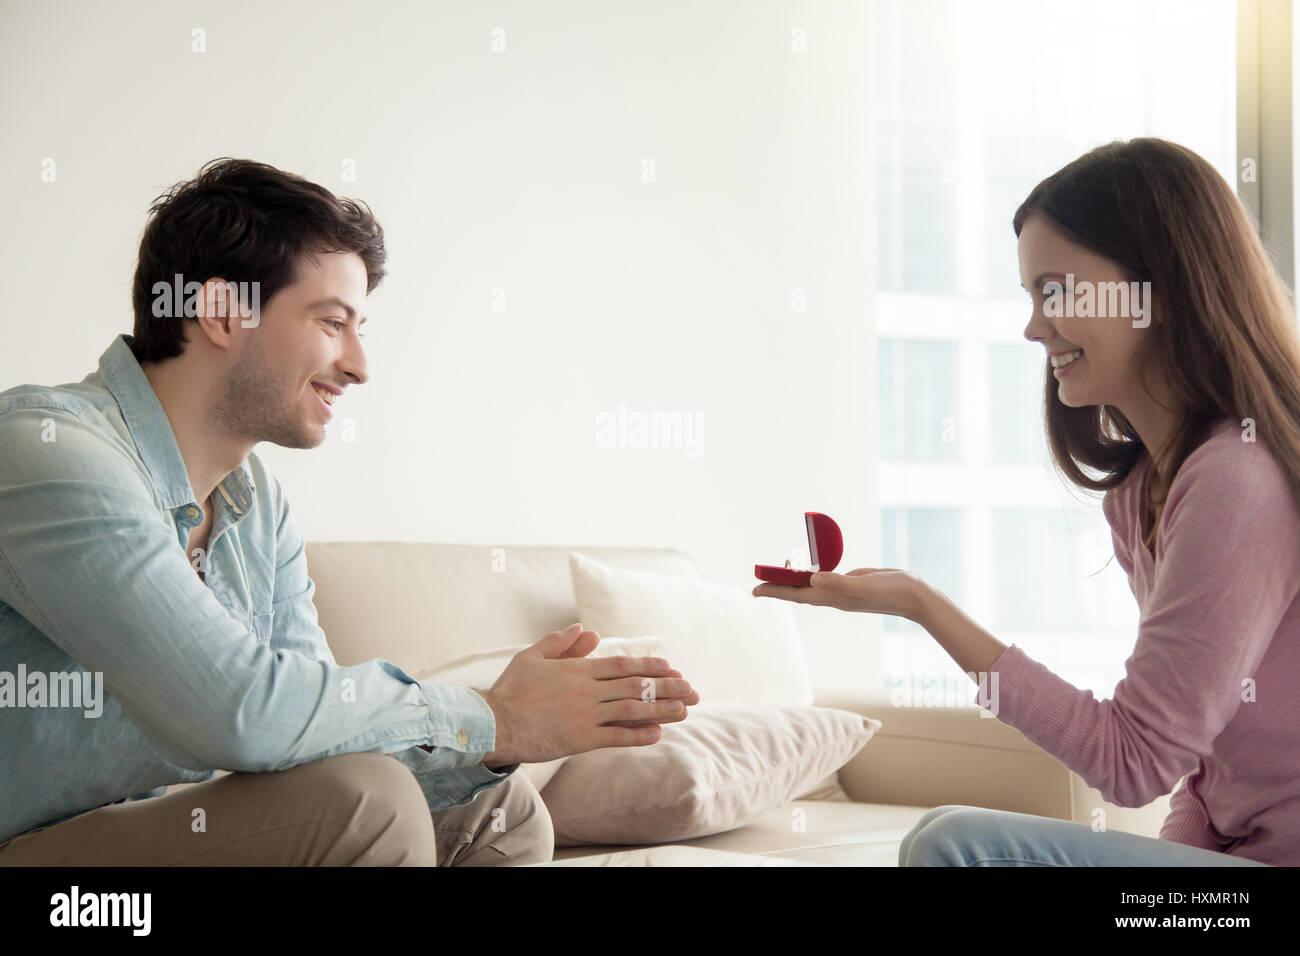 Junge Frau Geben Verlobungsring Schlagt Freund Zu Heiraten